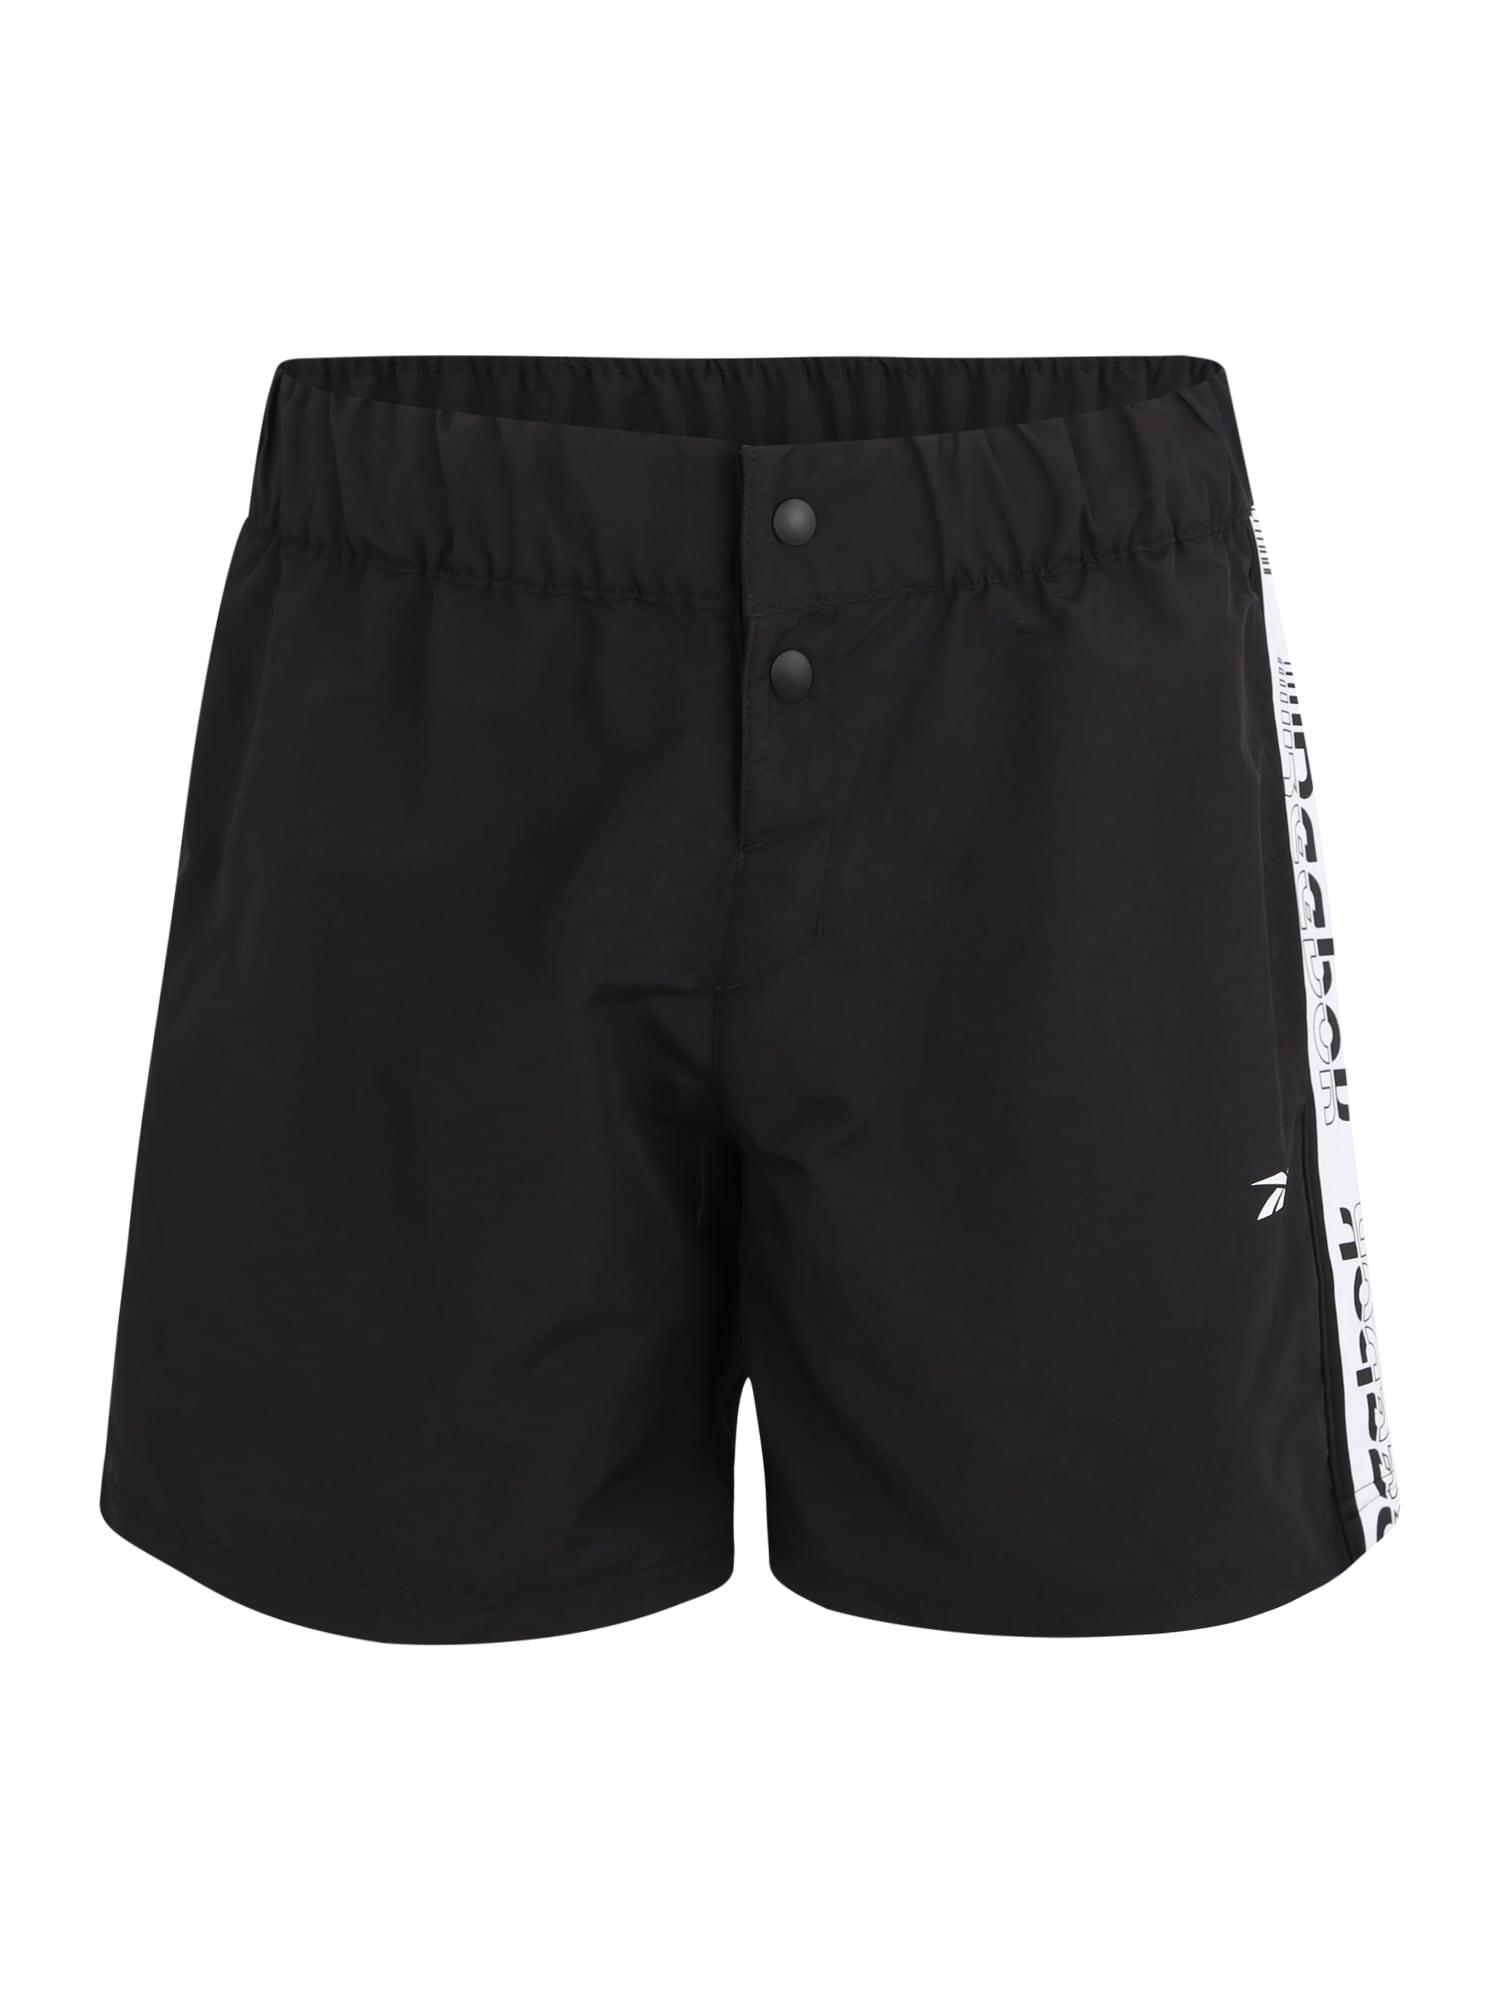 REEBOK Sportinės kelnės 'MY Woven' balta / juoda